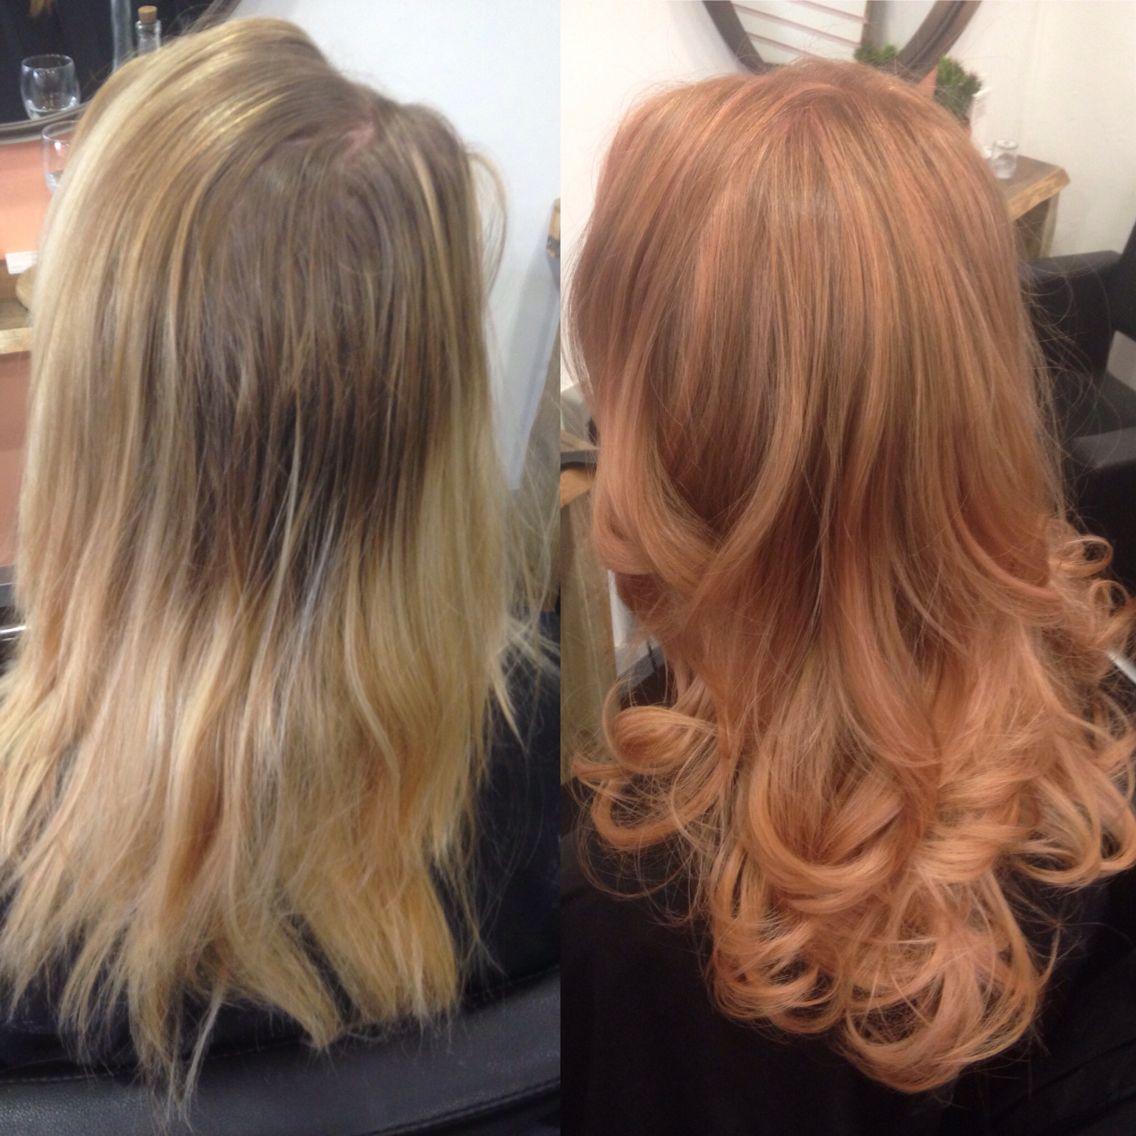 #rose gold #makeover #ombre #style #full-head colour   @zakcoldicutt